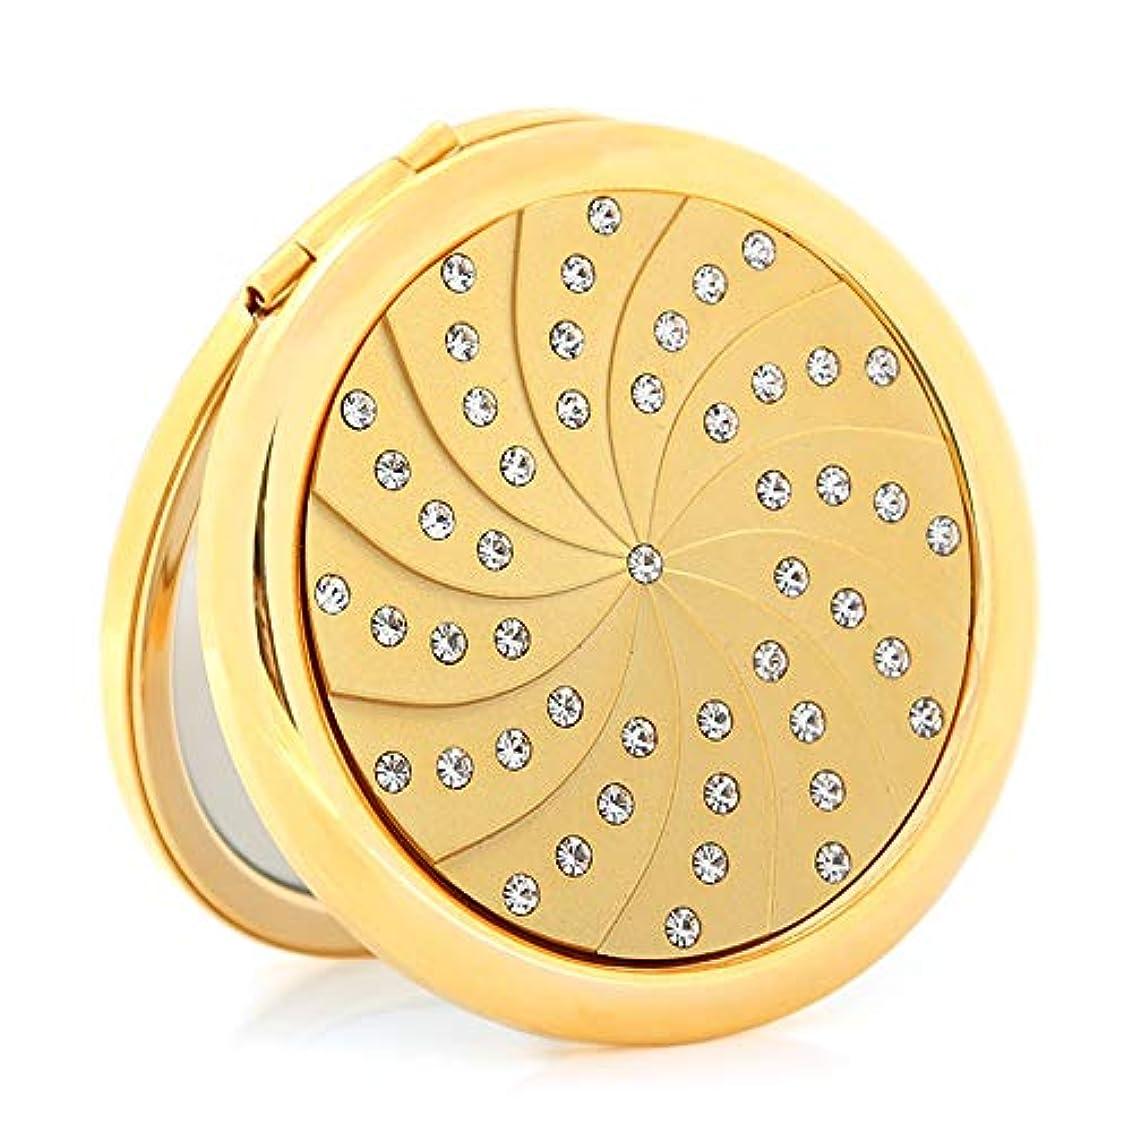 レトルト事業内容独立して流行の 金メッキダイヤモンド小さなミラーポータブル折りたたみ両面ポータブルミラーパーソナライズされた誕生日プレゼント